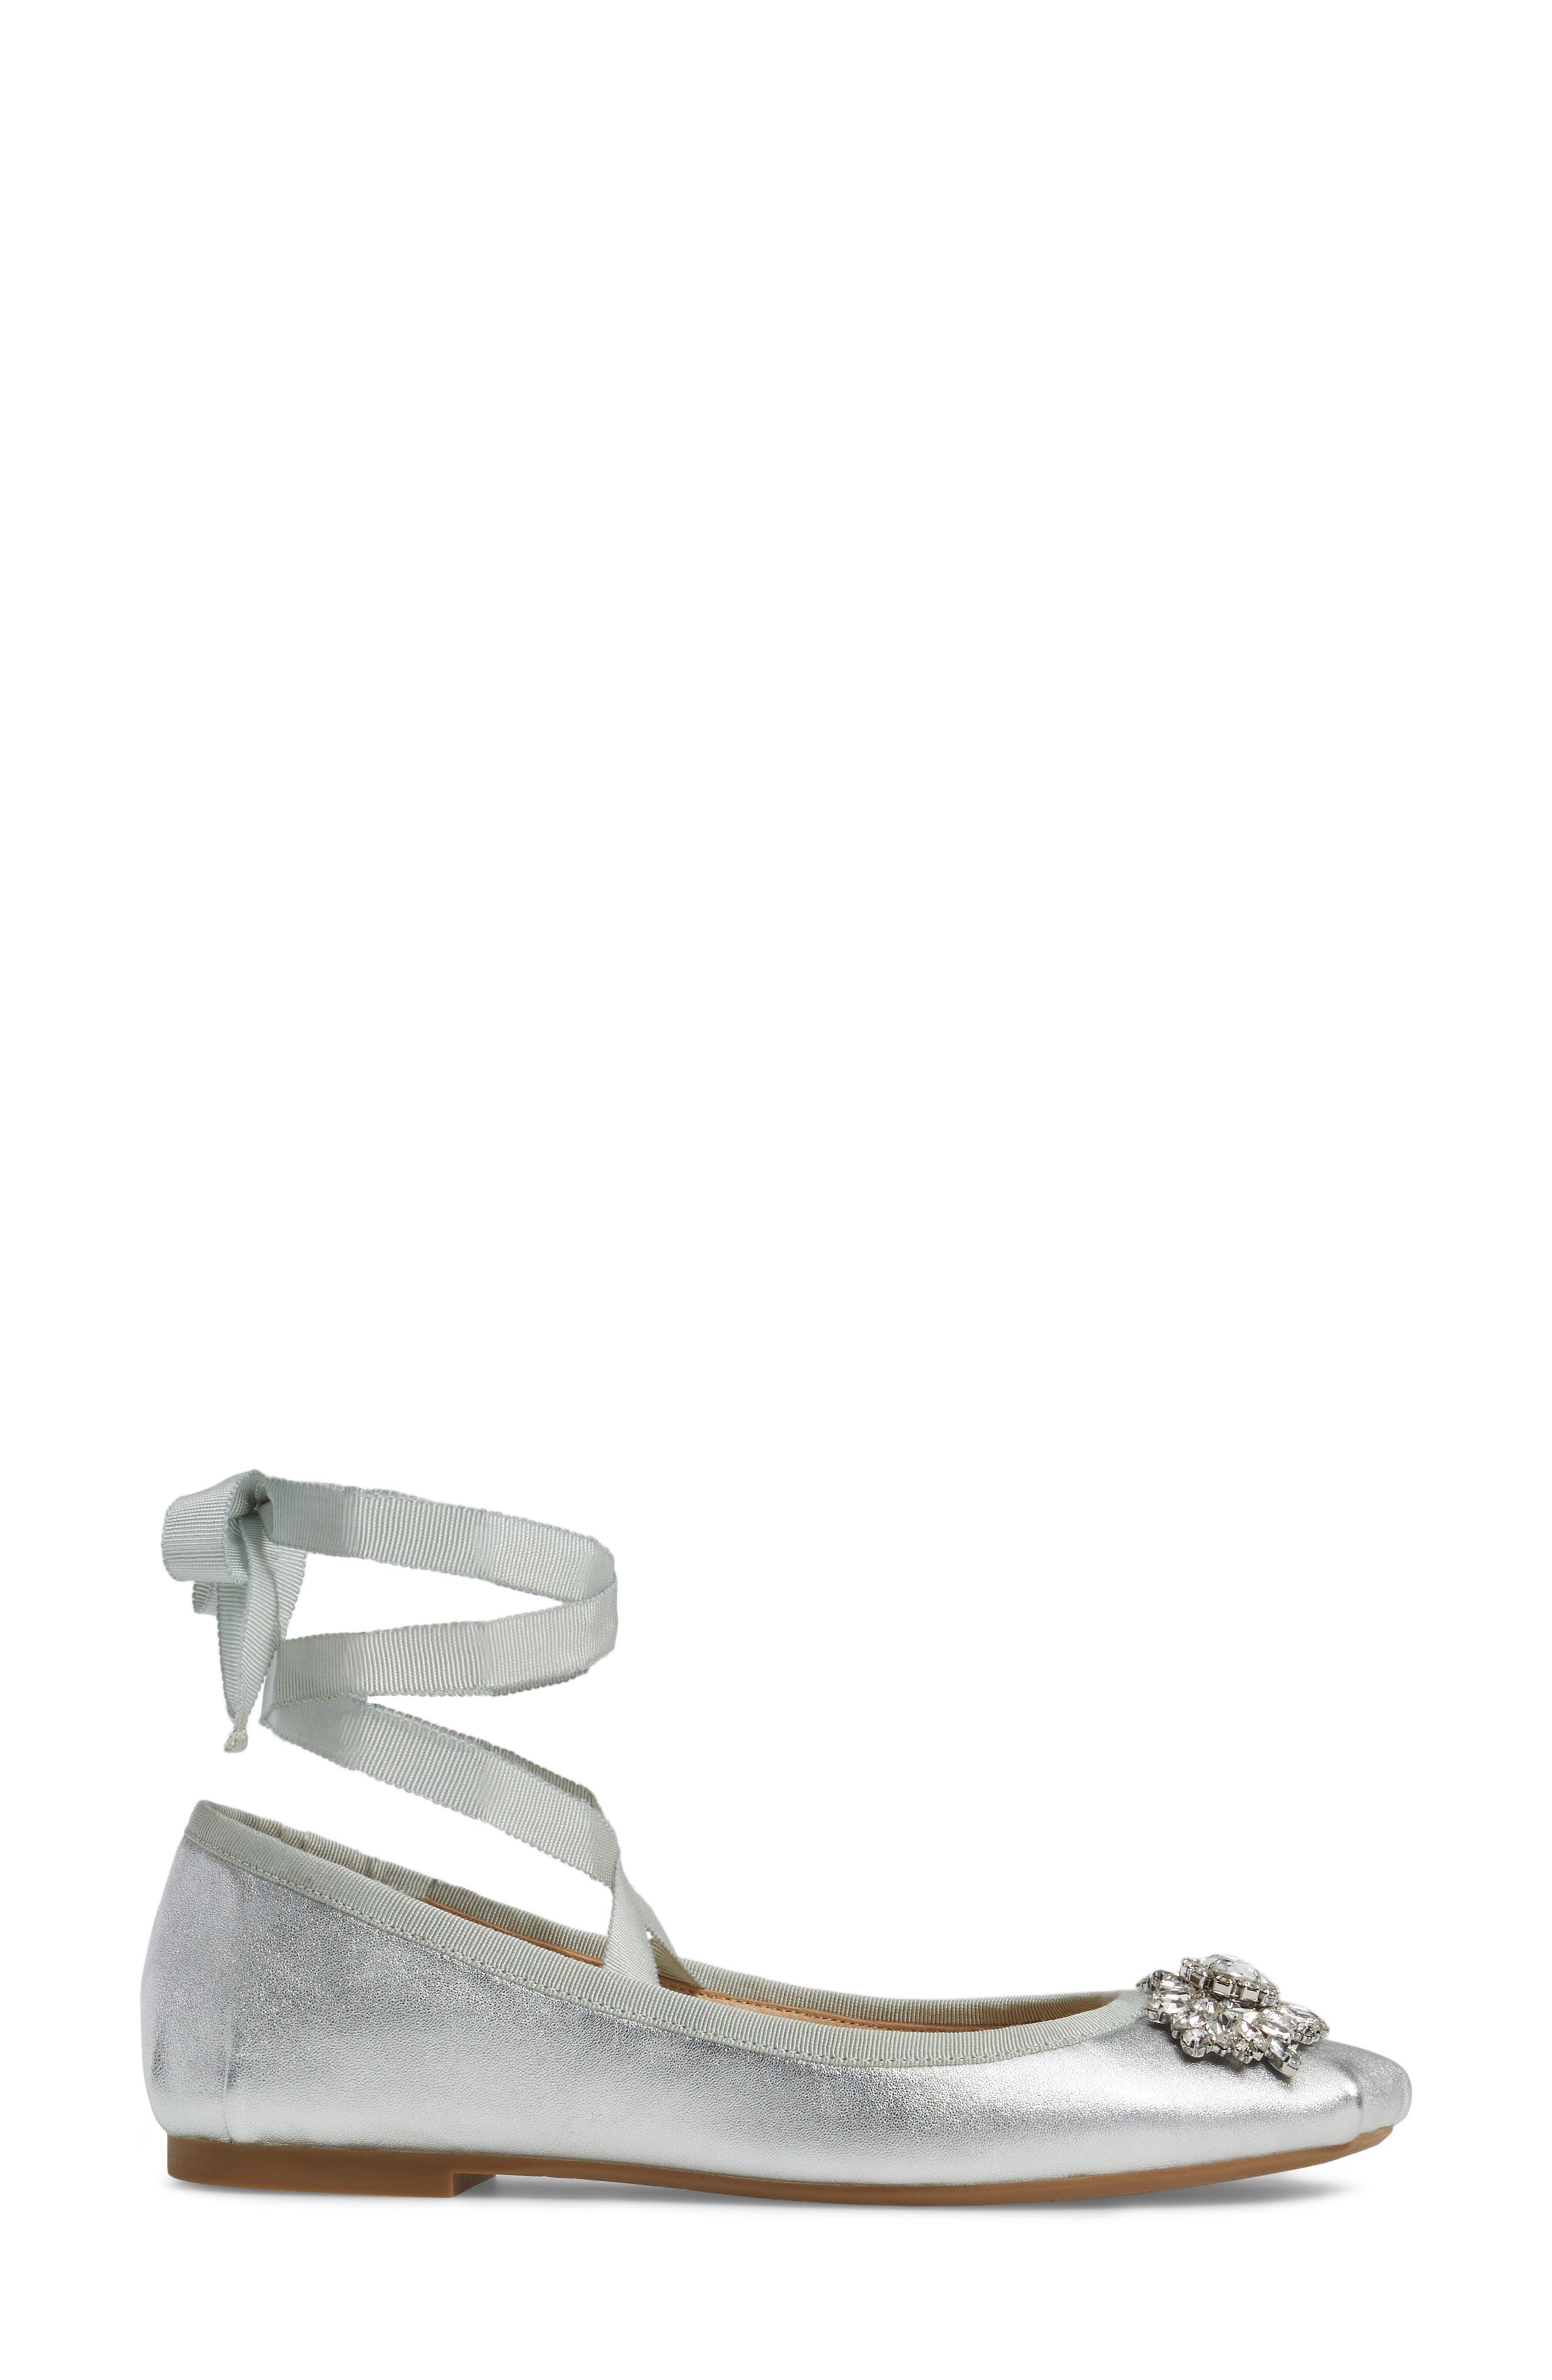 Alternate Image 3  - Badgley Mischka Karter II Embellished Ankle Wrap Ballet Flat (Women)